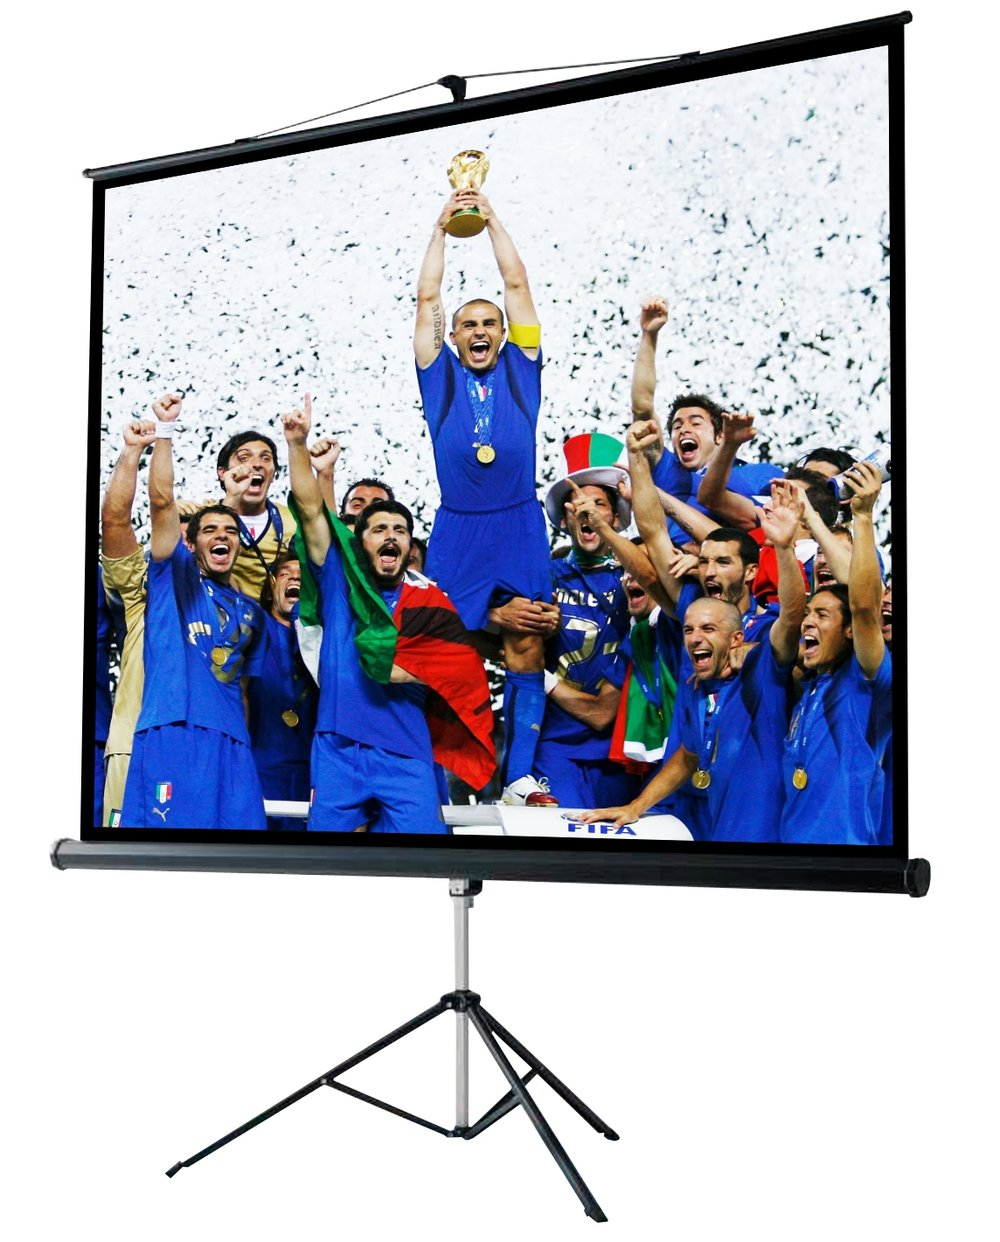 Noleggio Schermo - In offerta da 29,99€Schermi per videoproiezioni da 1.80mt o 2.40 di larghezza.